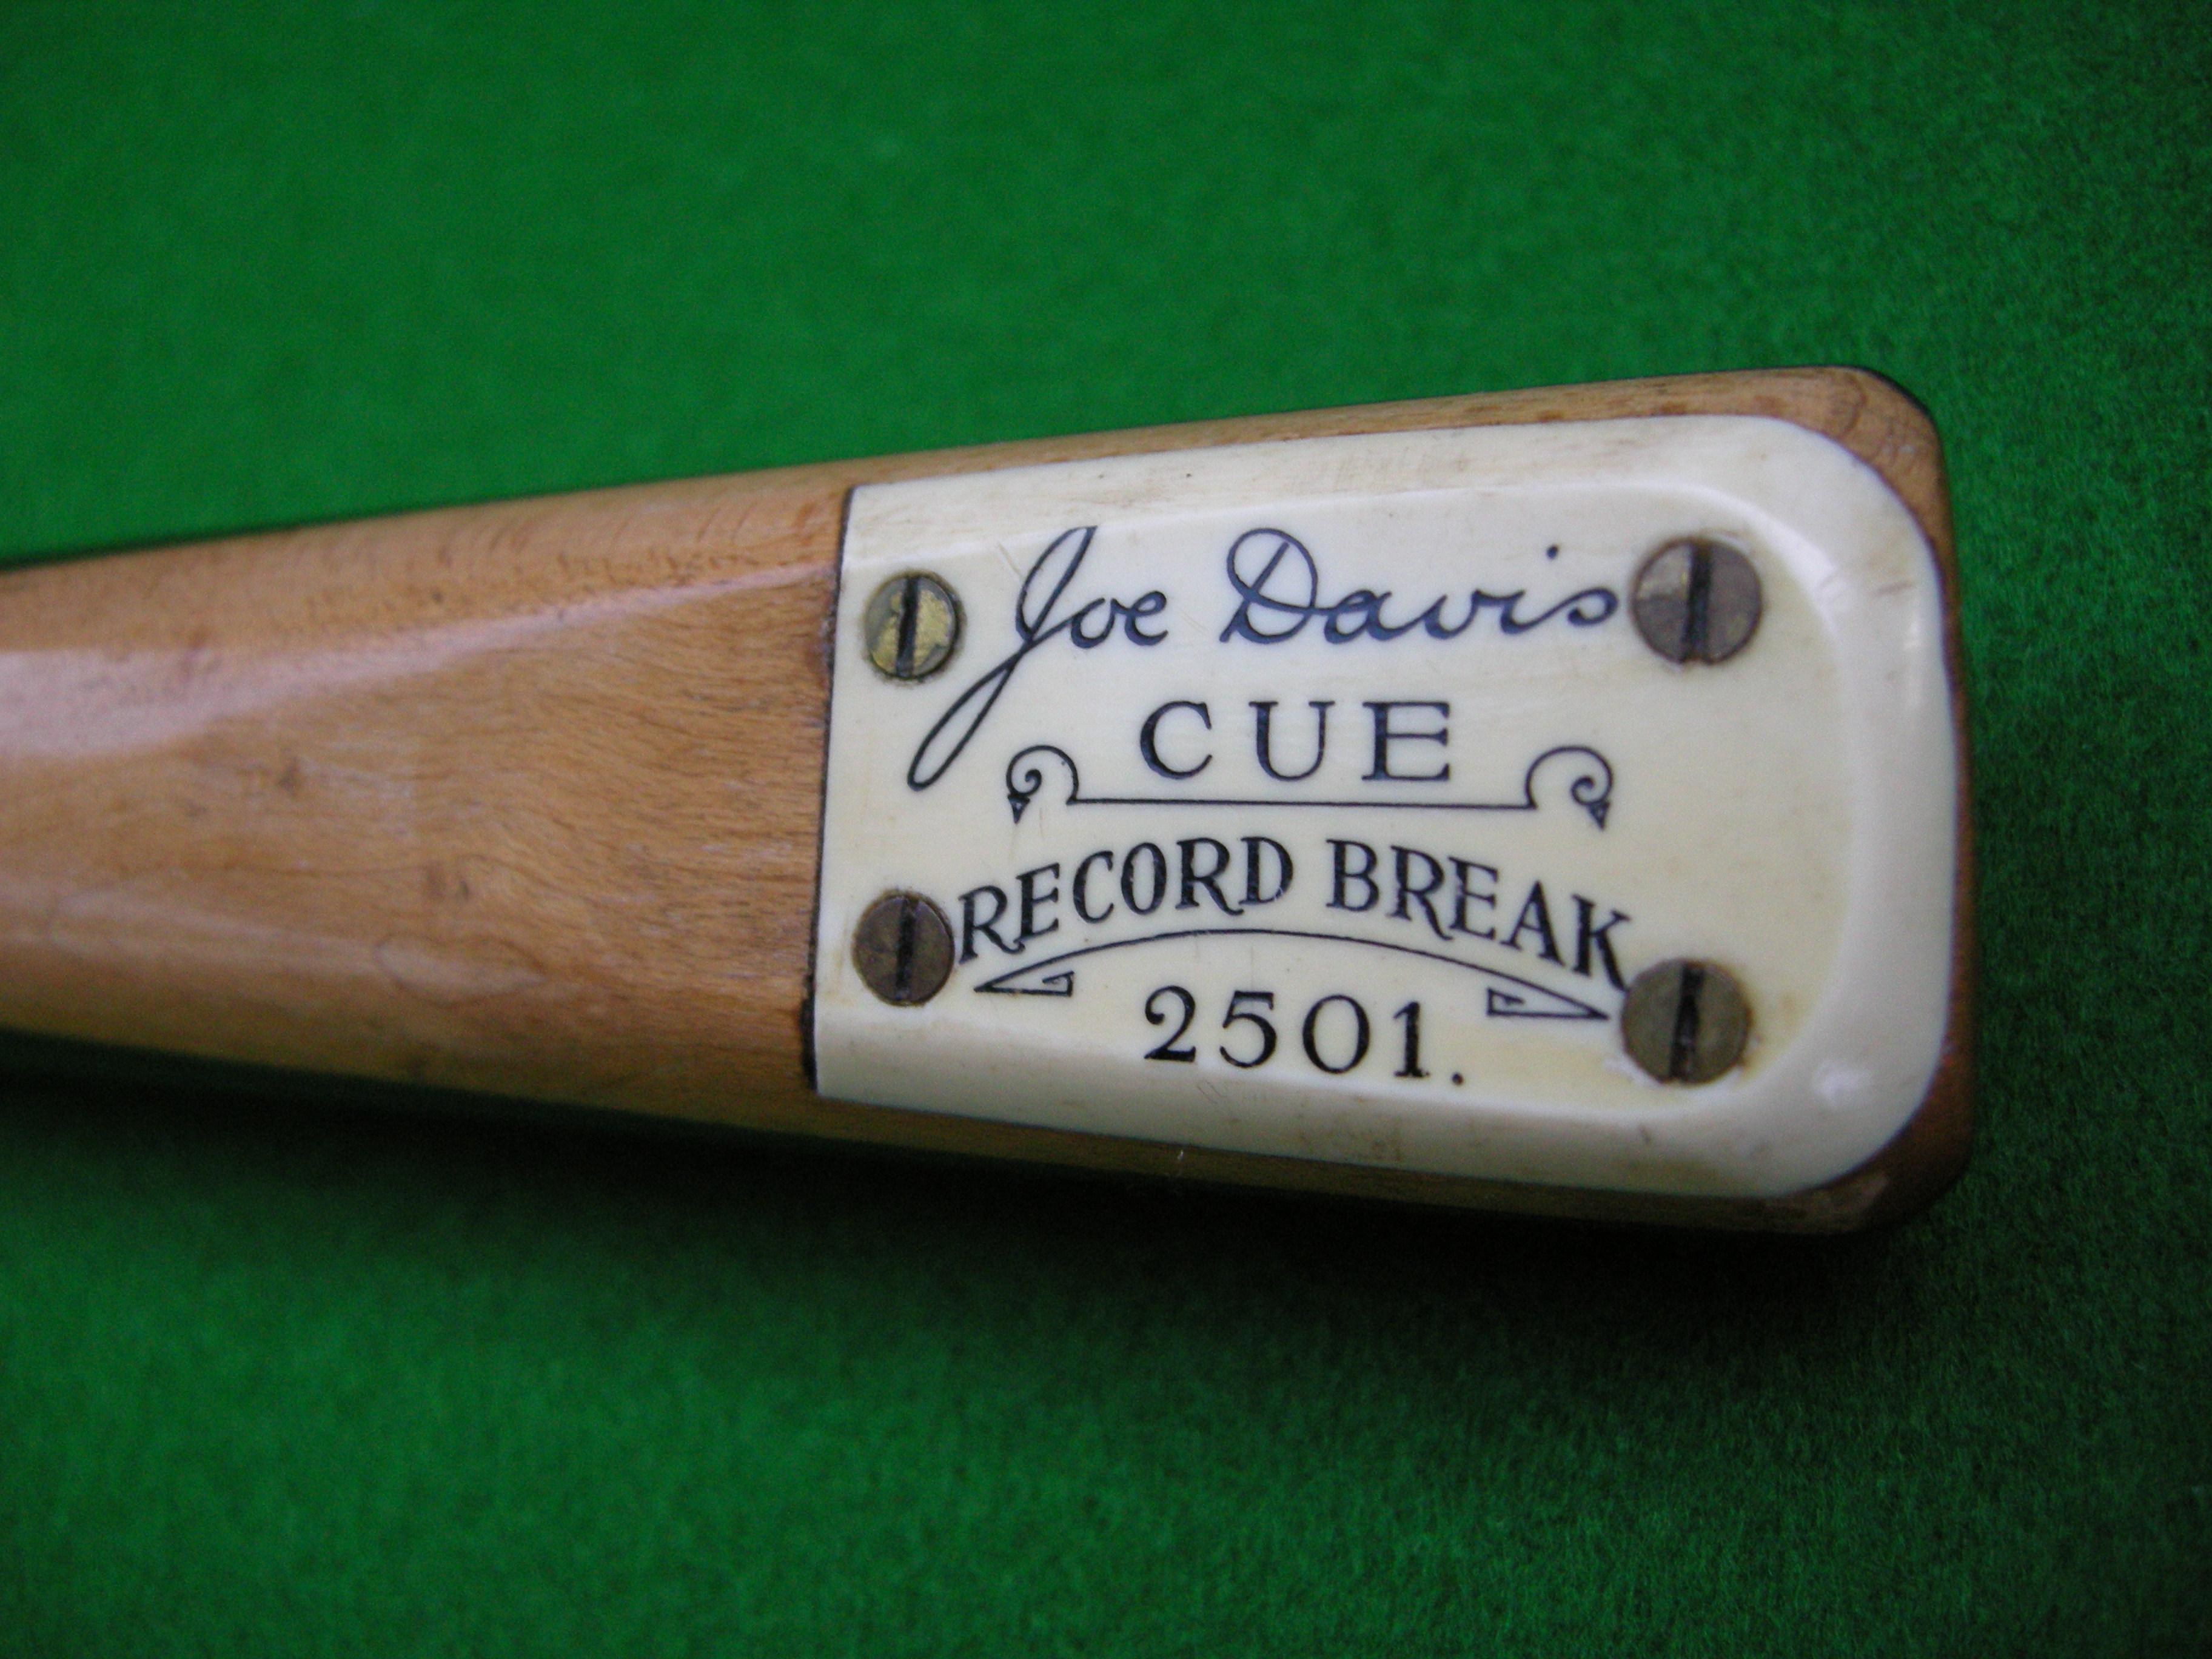 Joe Davis 2501 Billiards Break